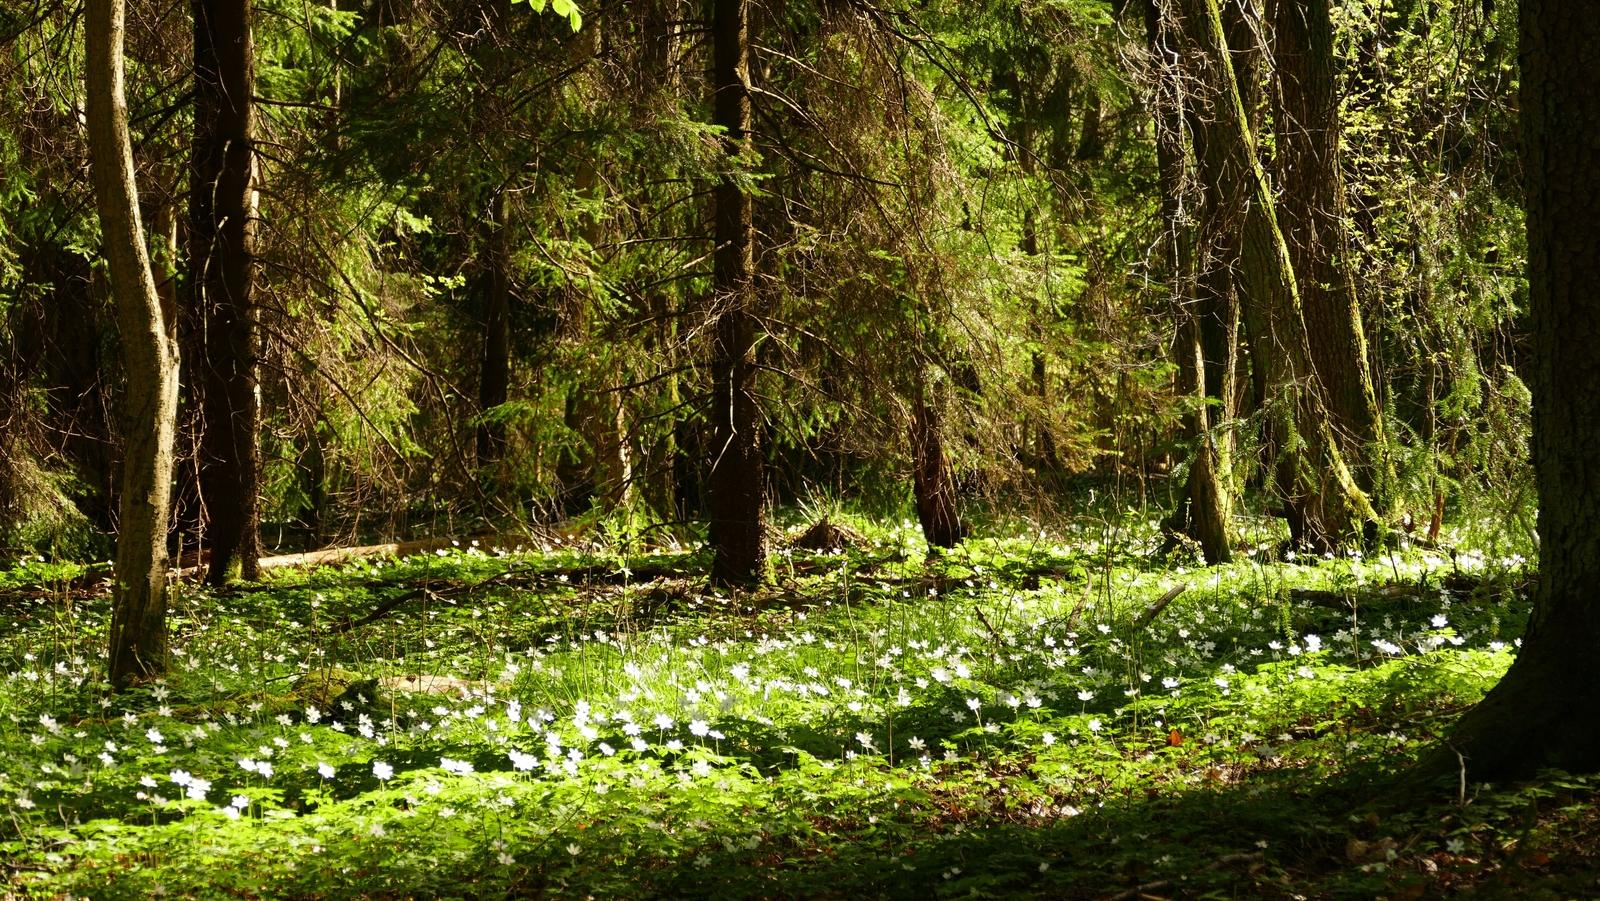 <h2>Bossen</h2><div>Vlaanderen is de meest natuurarme regio van Europa. Bestaande natuur en bossen verdienen de hoogste bescherming. In het Vlaams parlement vecht Elisabeth voor het onmiddellijk stoppen met kappen van waardevolle bossen.</div>